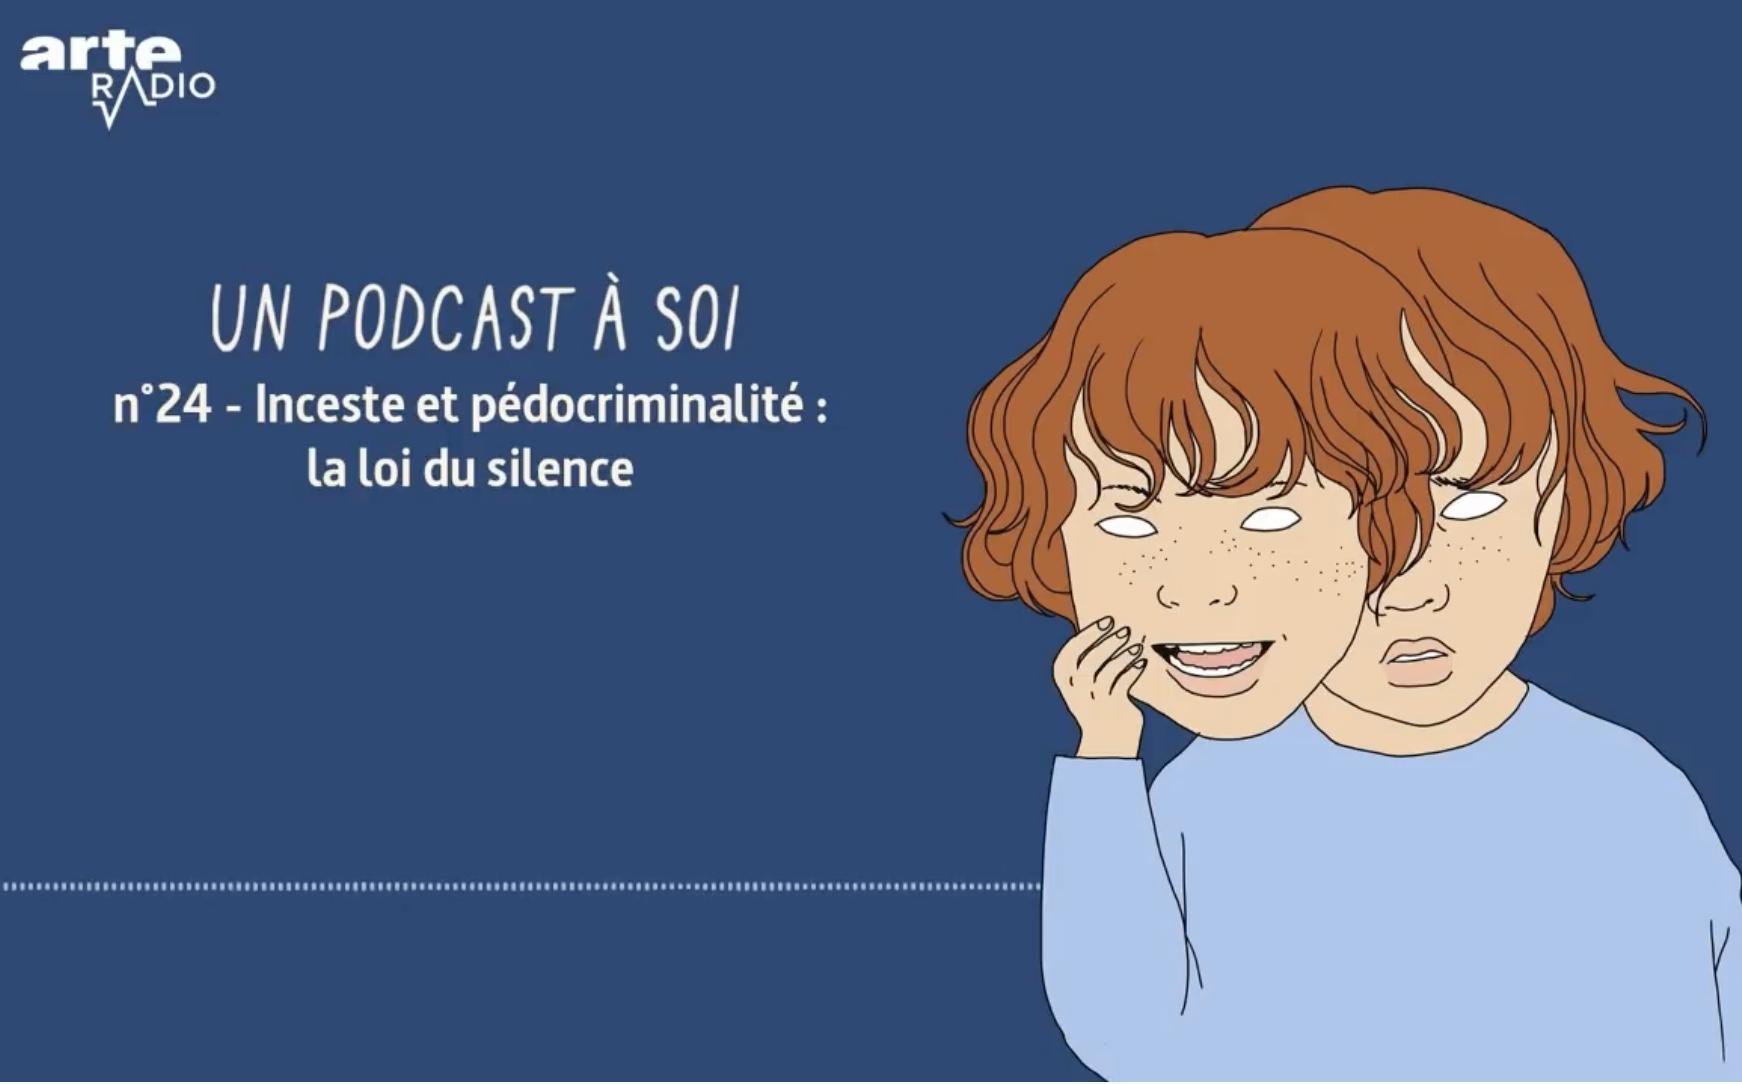 Un-podcast-a-soi#24